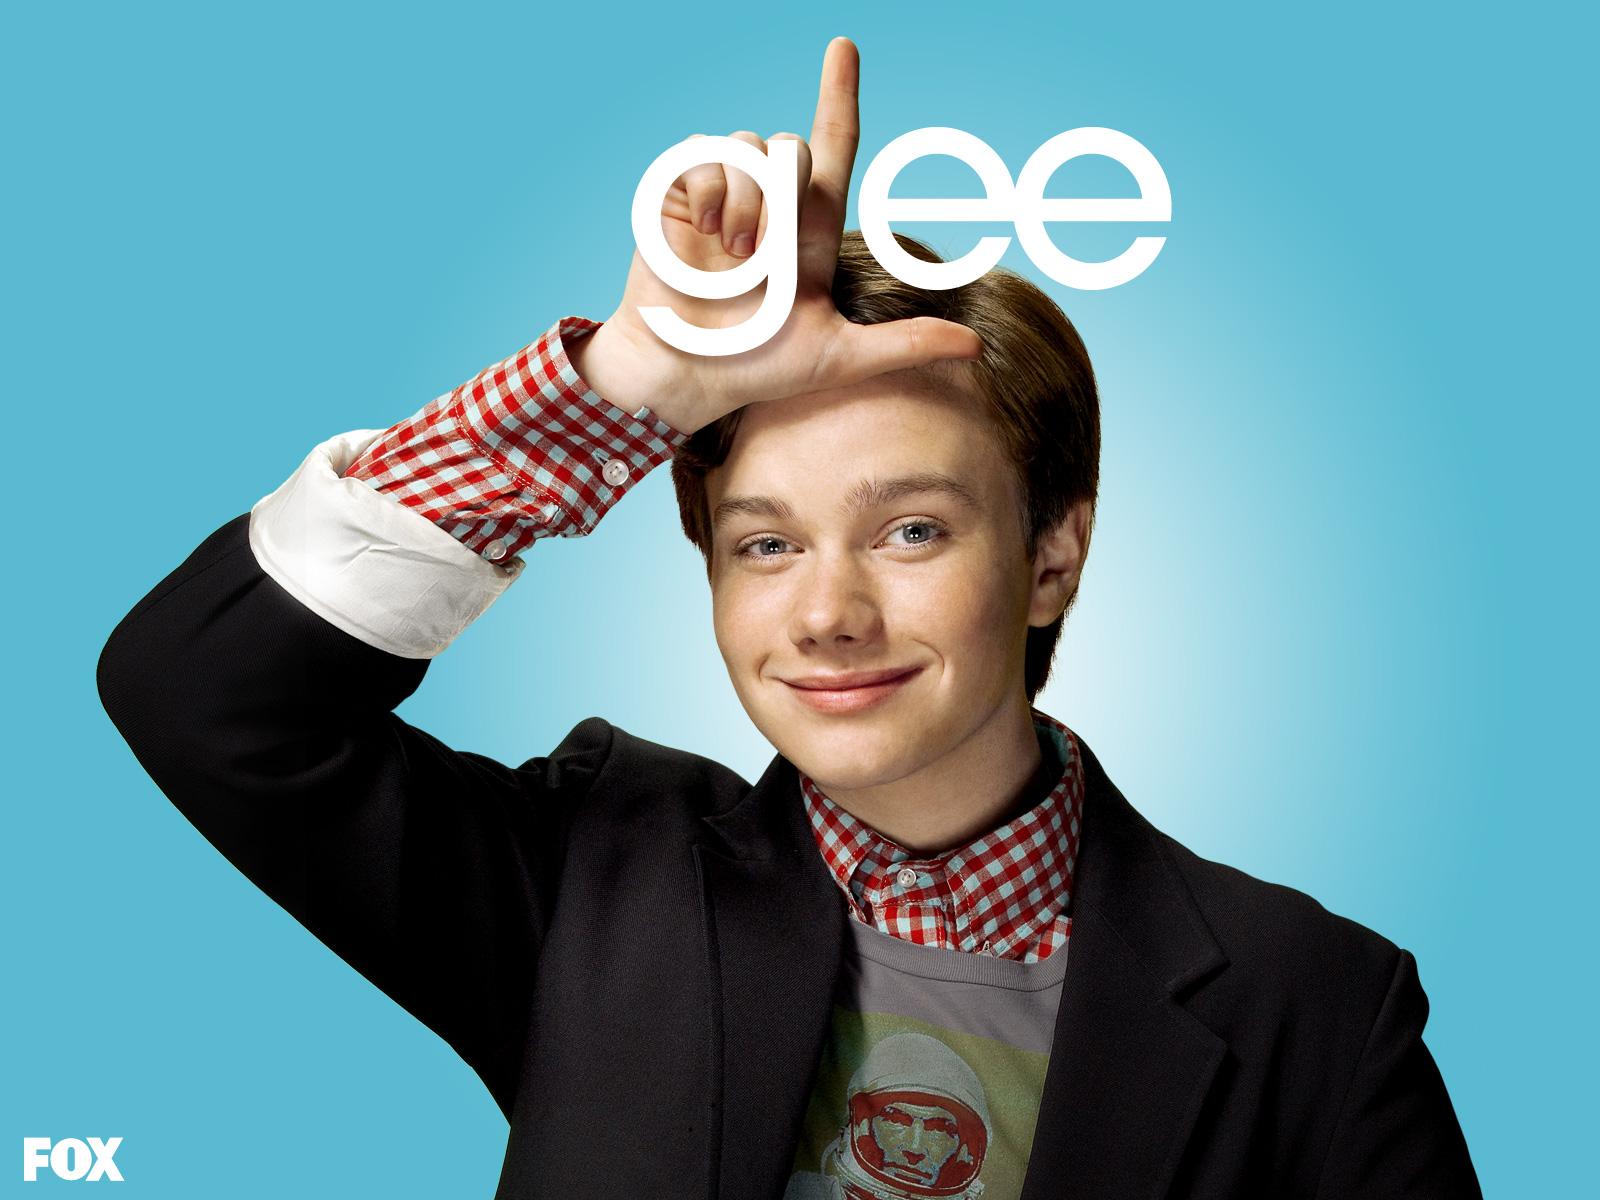 Datei:Glee Kurt.jpg